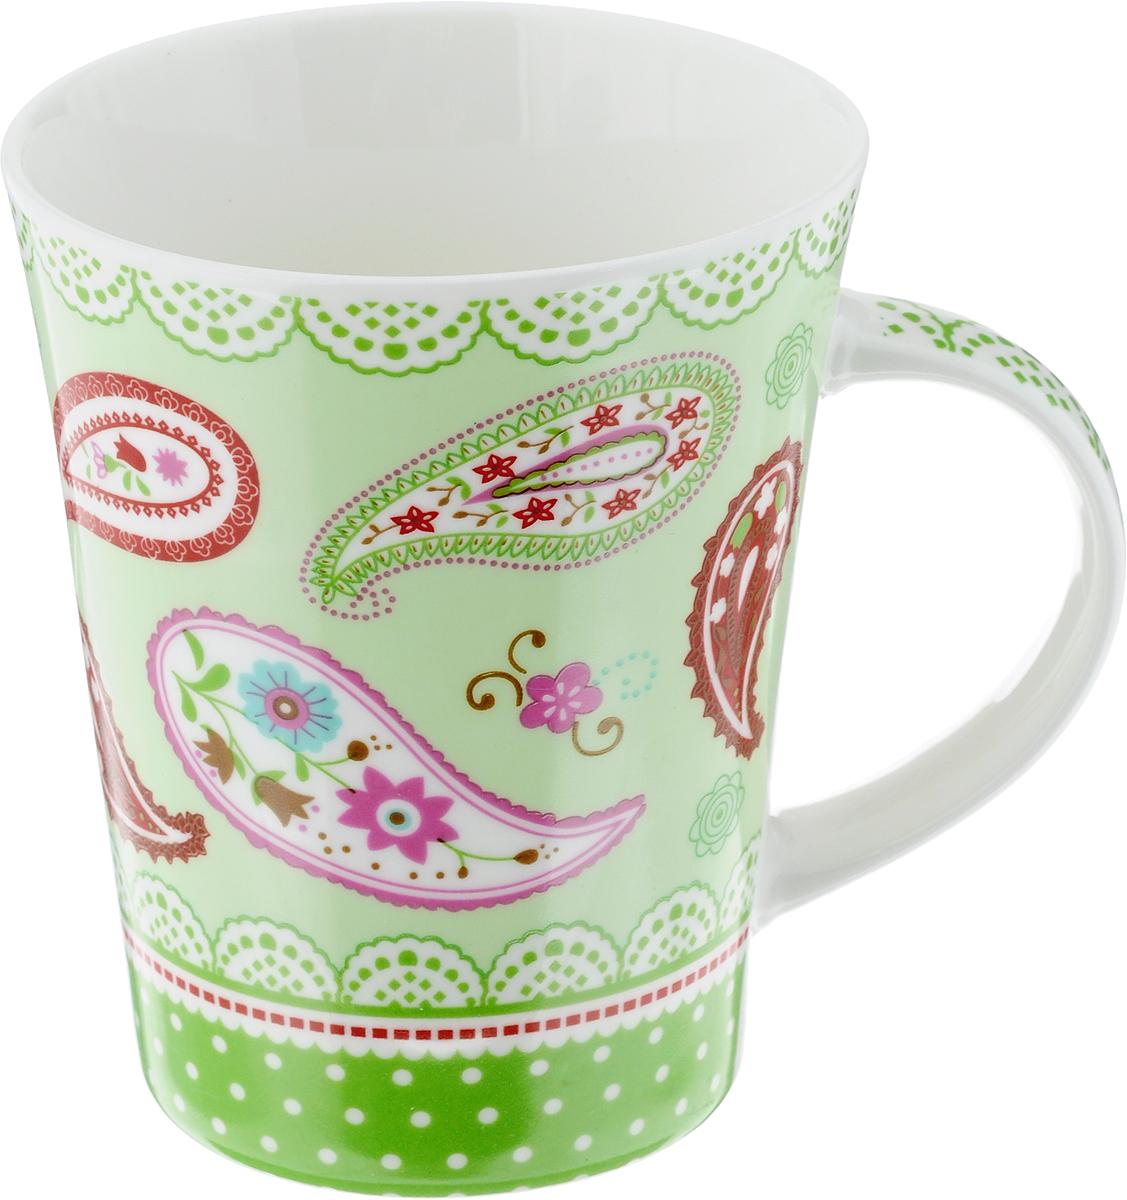 Кружка Loraine, цвет: салатовый, красный, 400 мл. 22116115610Кружка Loraine изготовлена из высококачественного фарфора. Изделие оформлено ярким рисунком. Благодаря своим термостатическим свойствам, изделие отлично сохраняет температуру содержимого - морозной зимой кружка будет согревать вас горячим чаем, а знойным летом, напротив, радовать прохладными напитками. Такой аксессуар создаст атмосферу тепла и уюта, настроит на позитивный лад и подарит хорошее настроение с самого утра. Это оригинальное изделие идеально подойдет в подарок близкому человеку. Диаметр (по верхнему краю): 9 см.Высота кружки: 11 см. Объем: 400 мл.